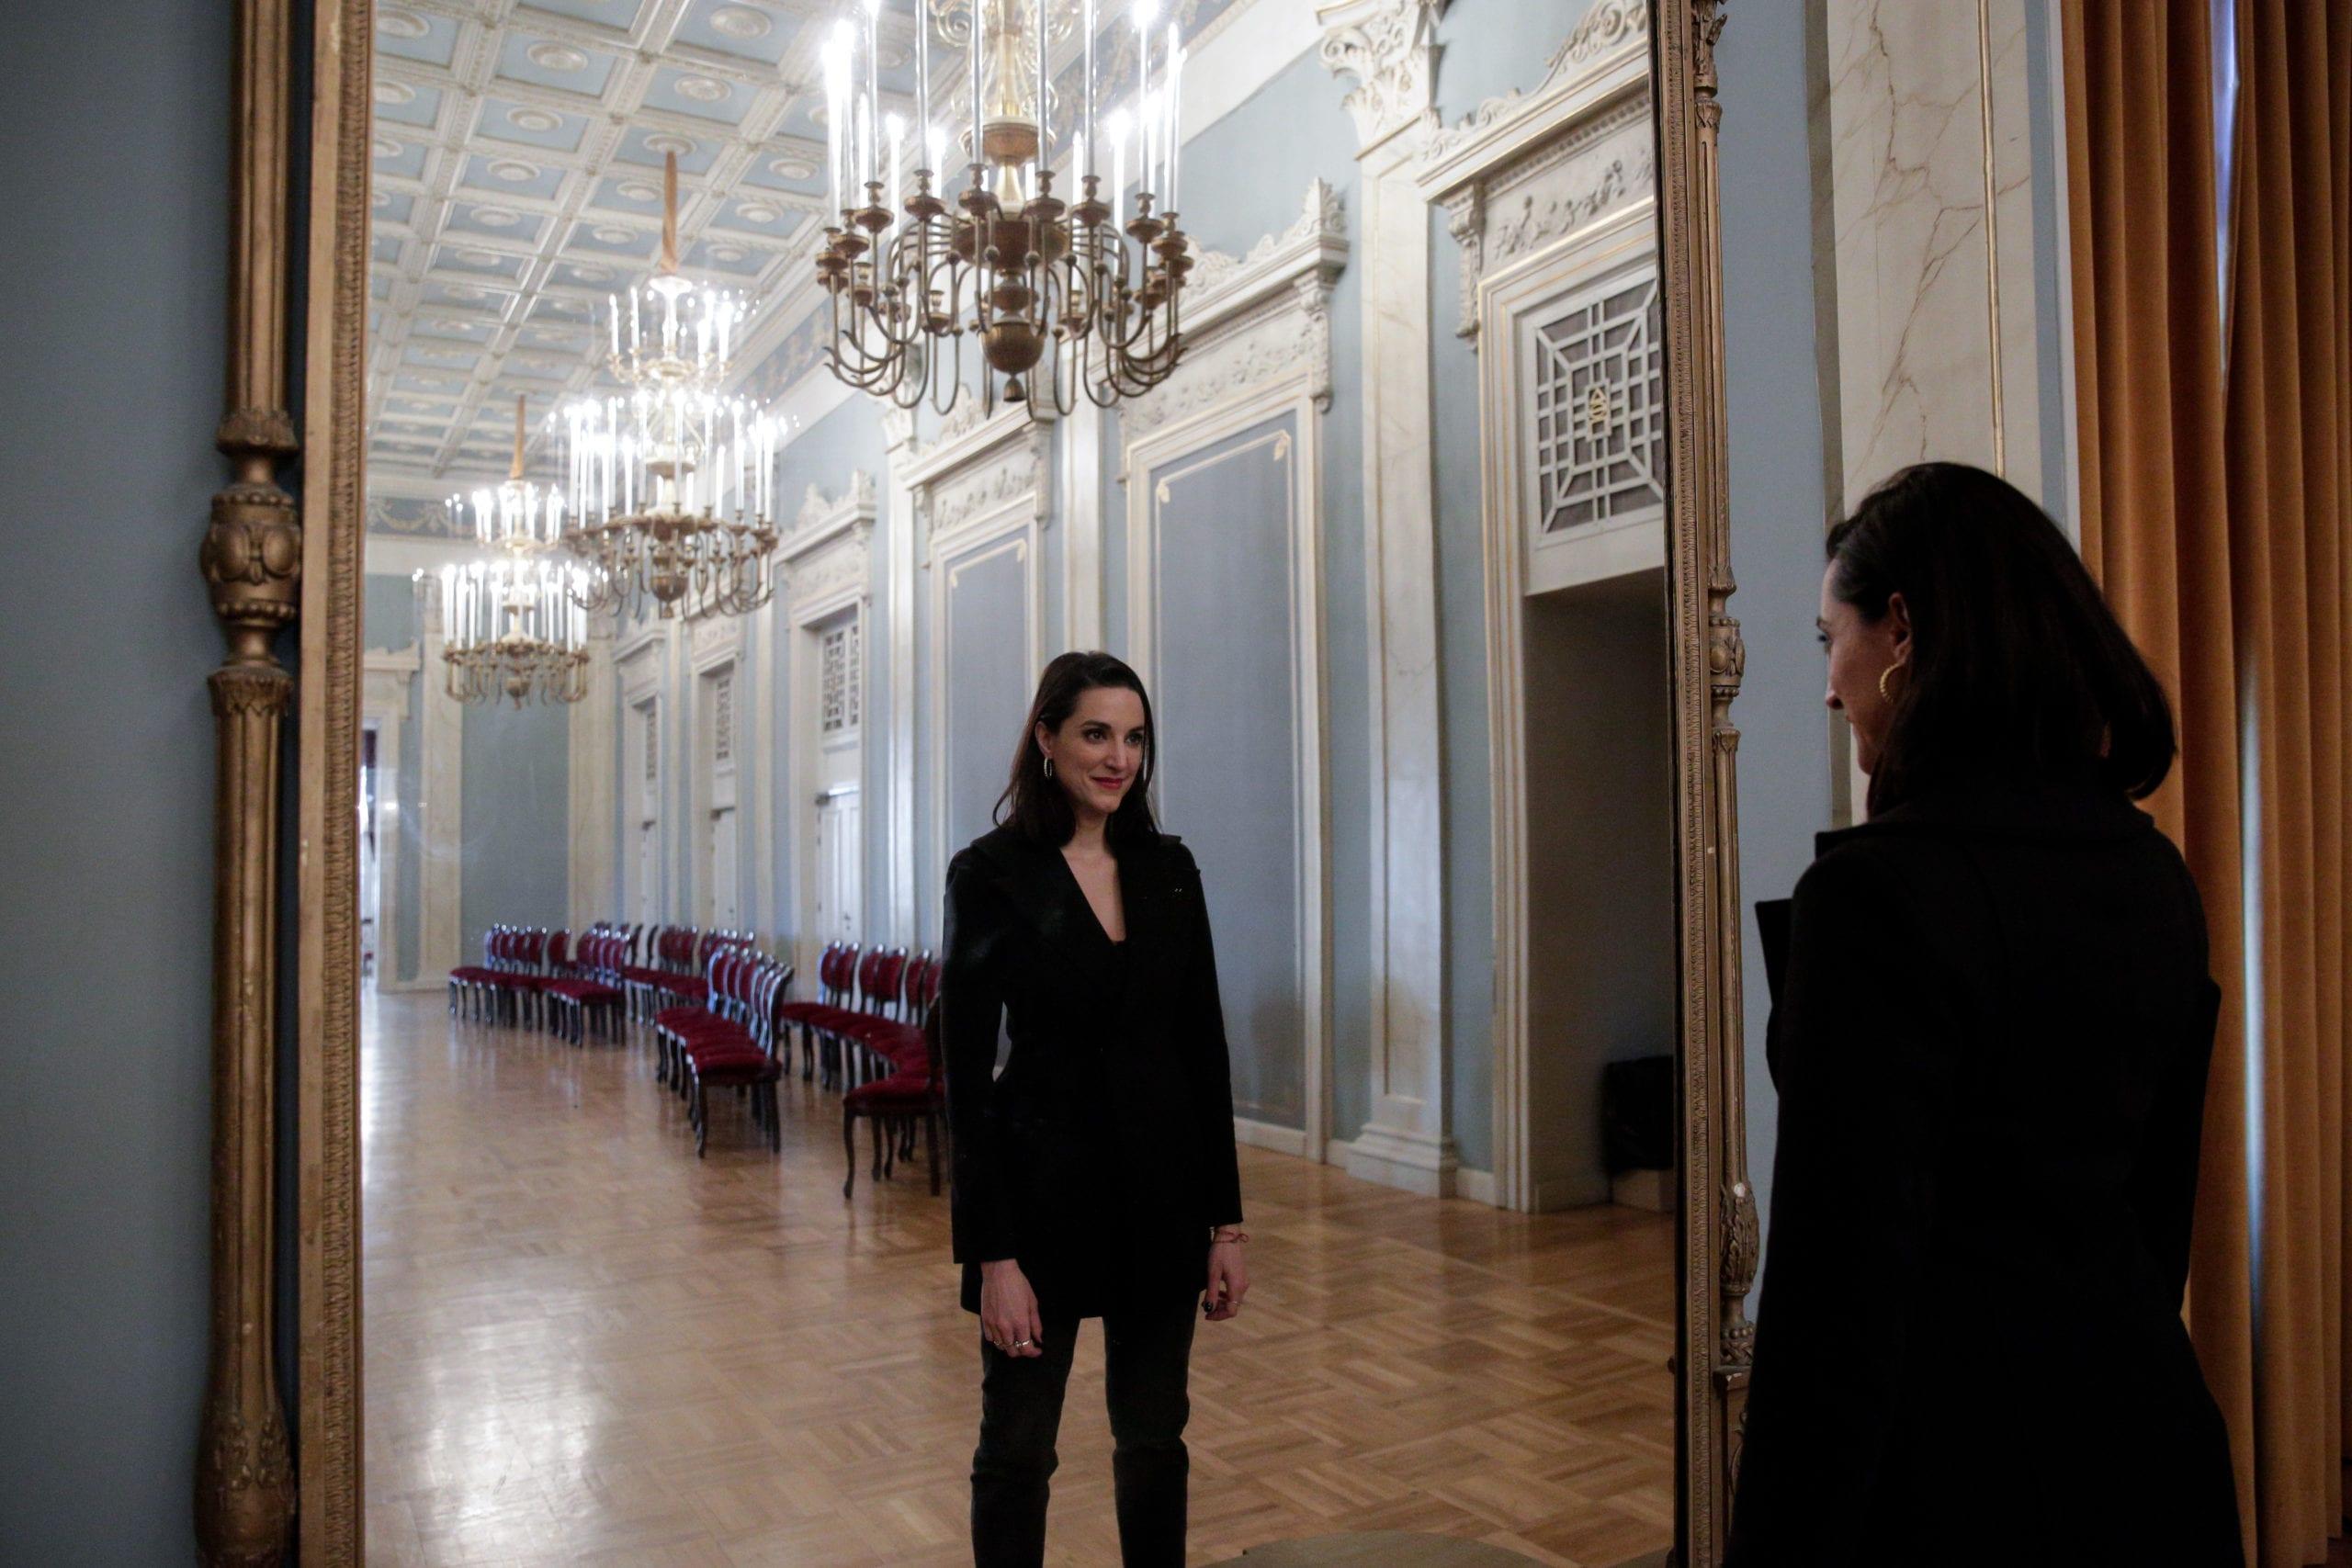 Κατερίνα Ευαγγελάτου (Φωτογραφίες: eurokinissi)